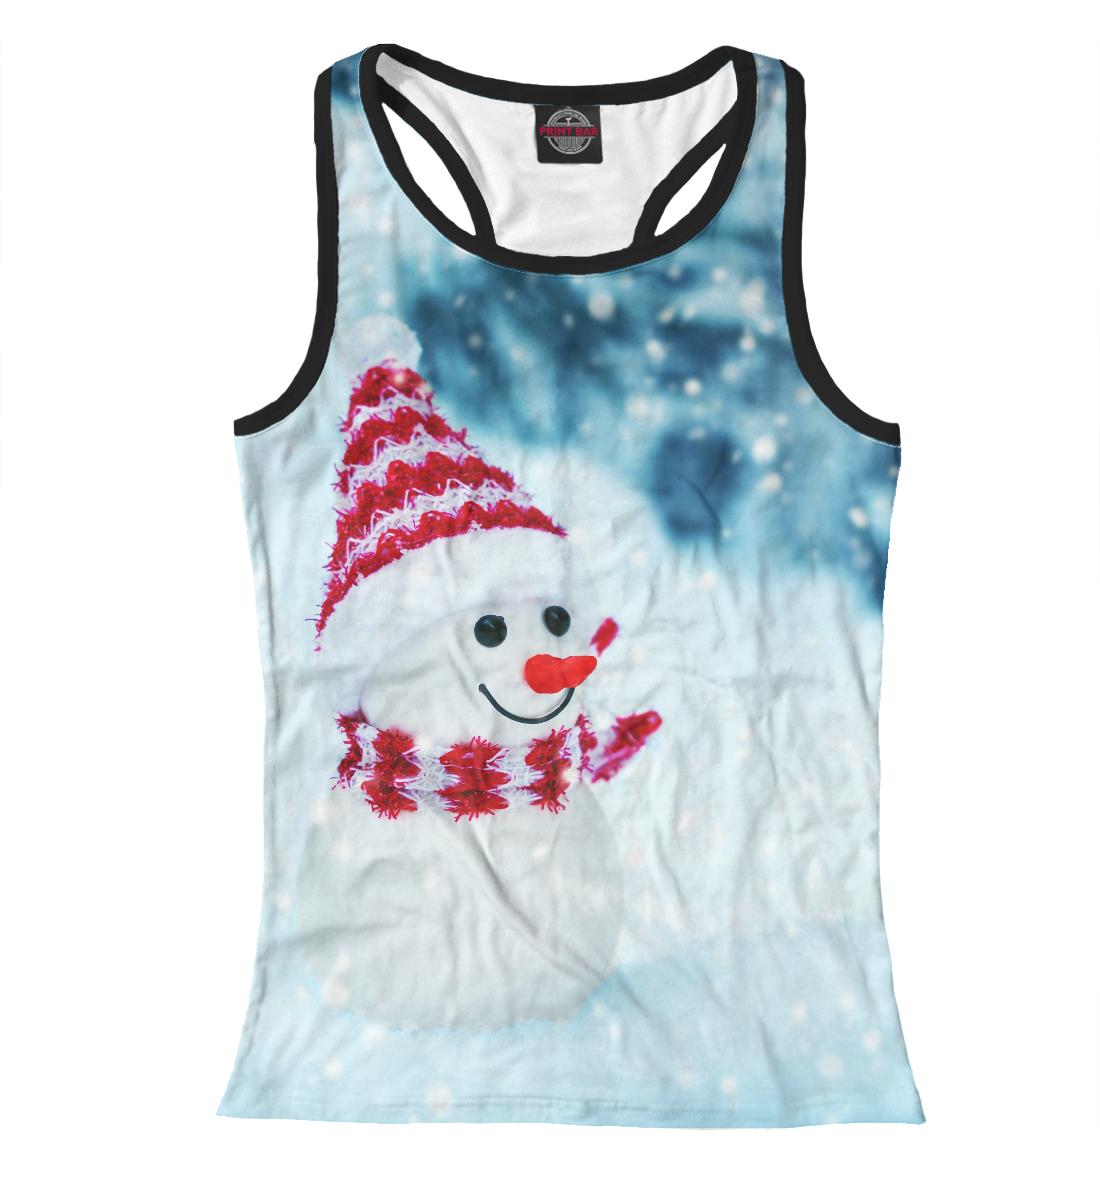 Snowman недорого